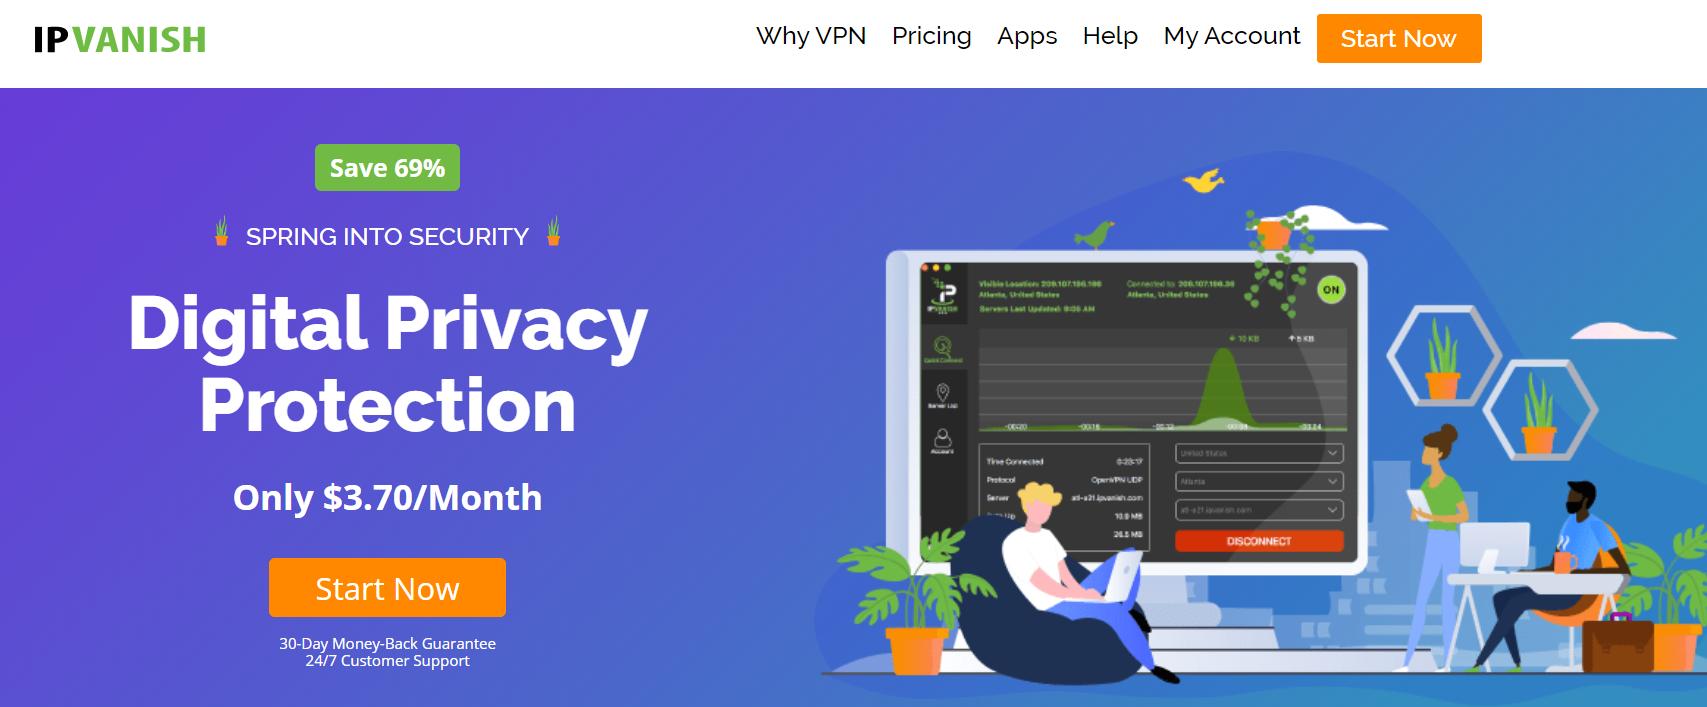 ExpressVPN vs IPVanish - IPVanish VPN